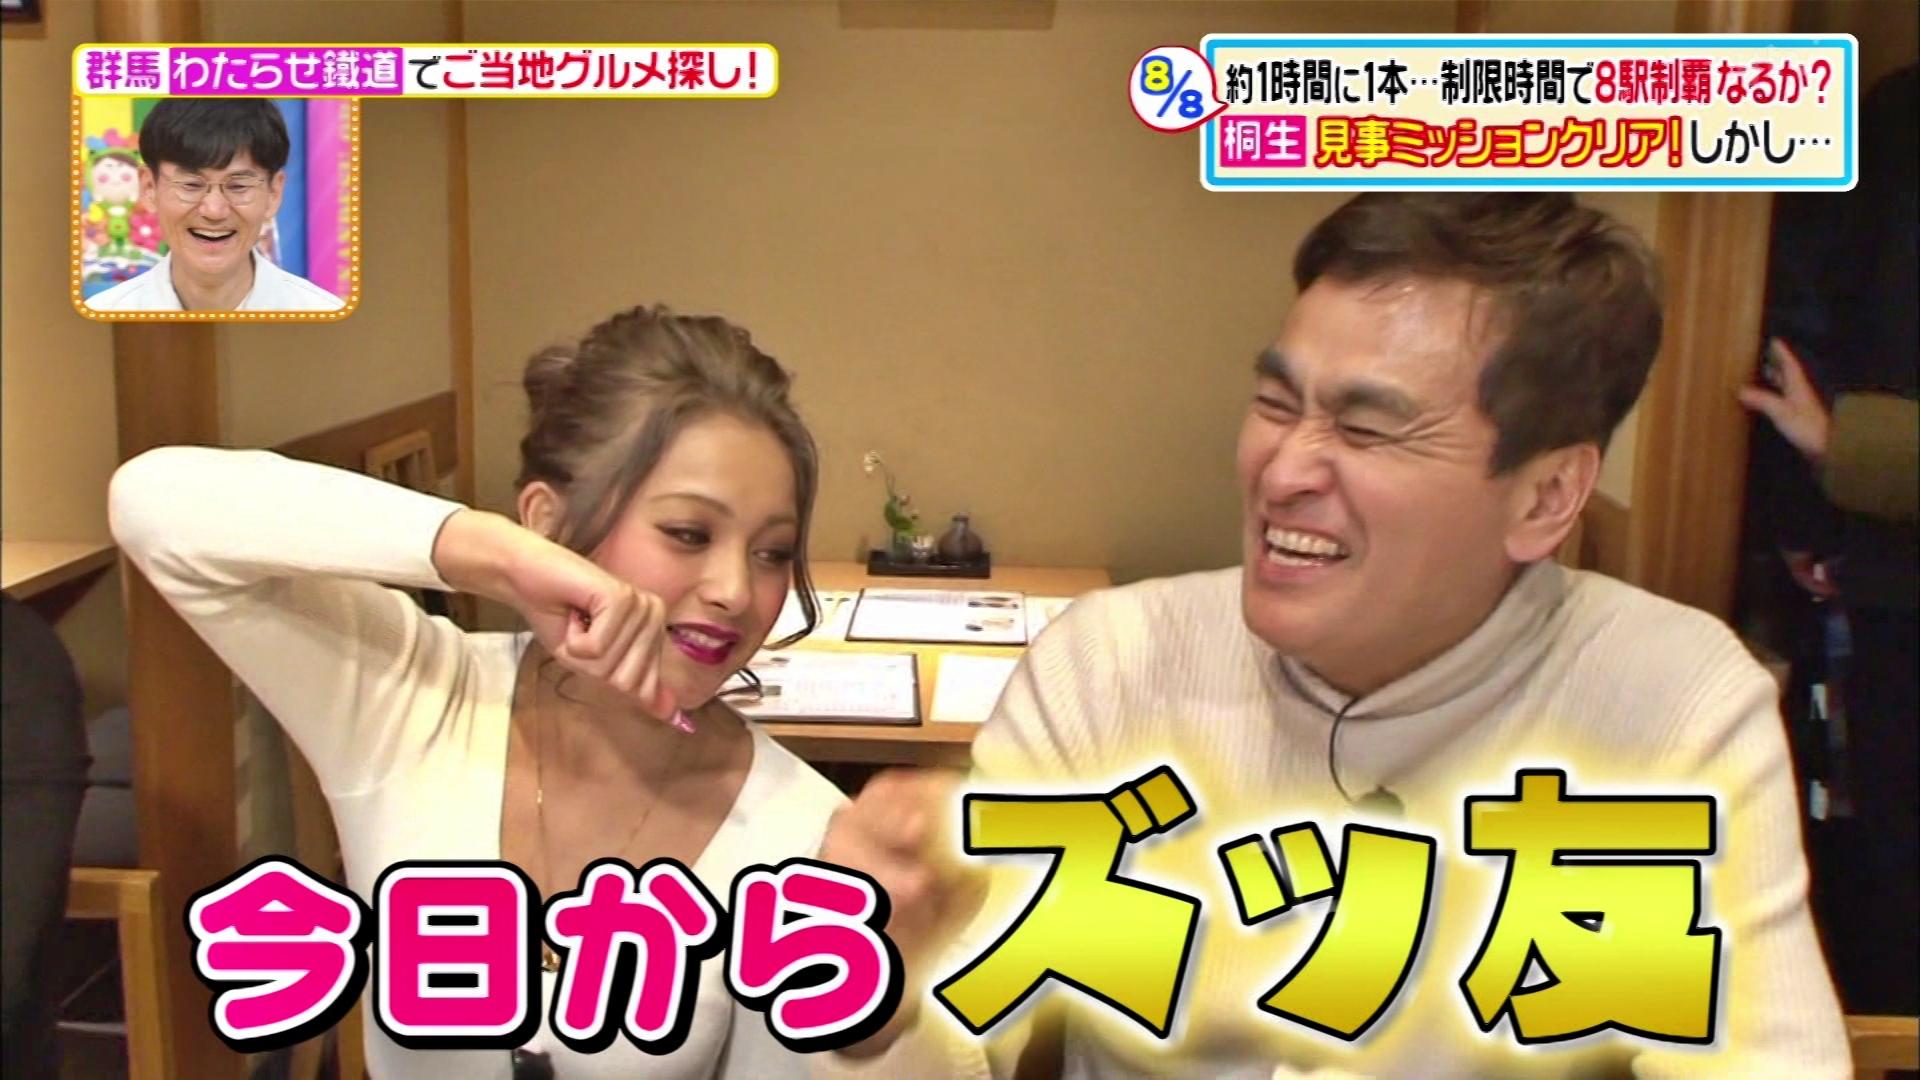 2019年3月12日「ヒルナンデス!」ゆきぽよさんのテレビキャプチャー画像-038